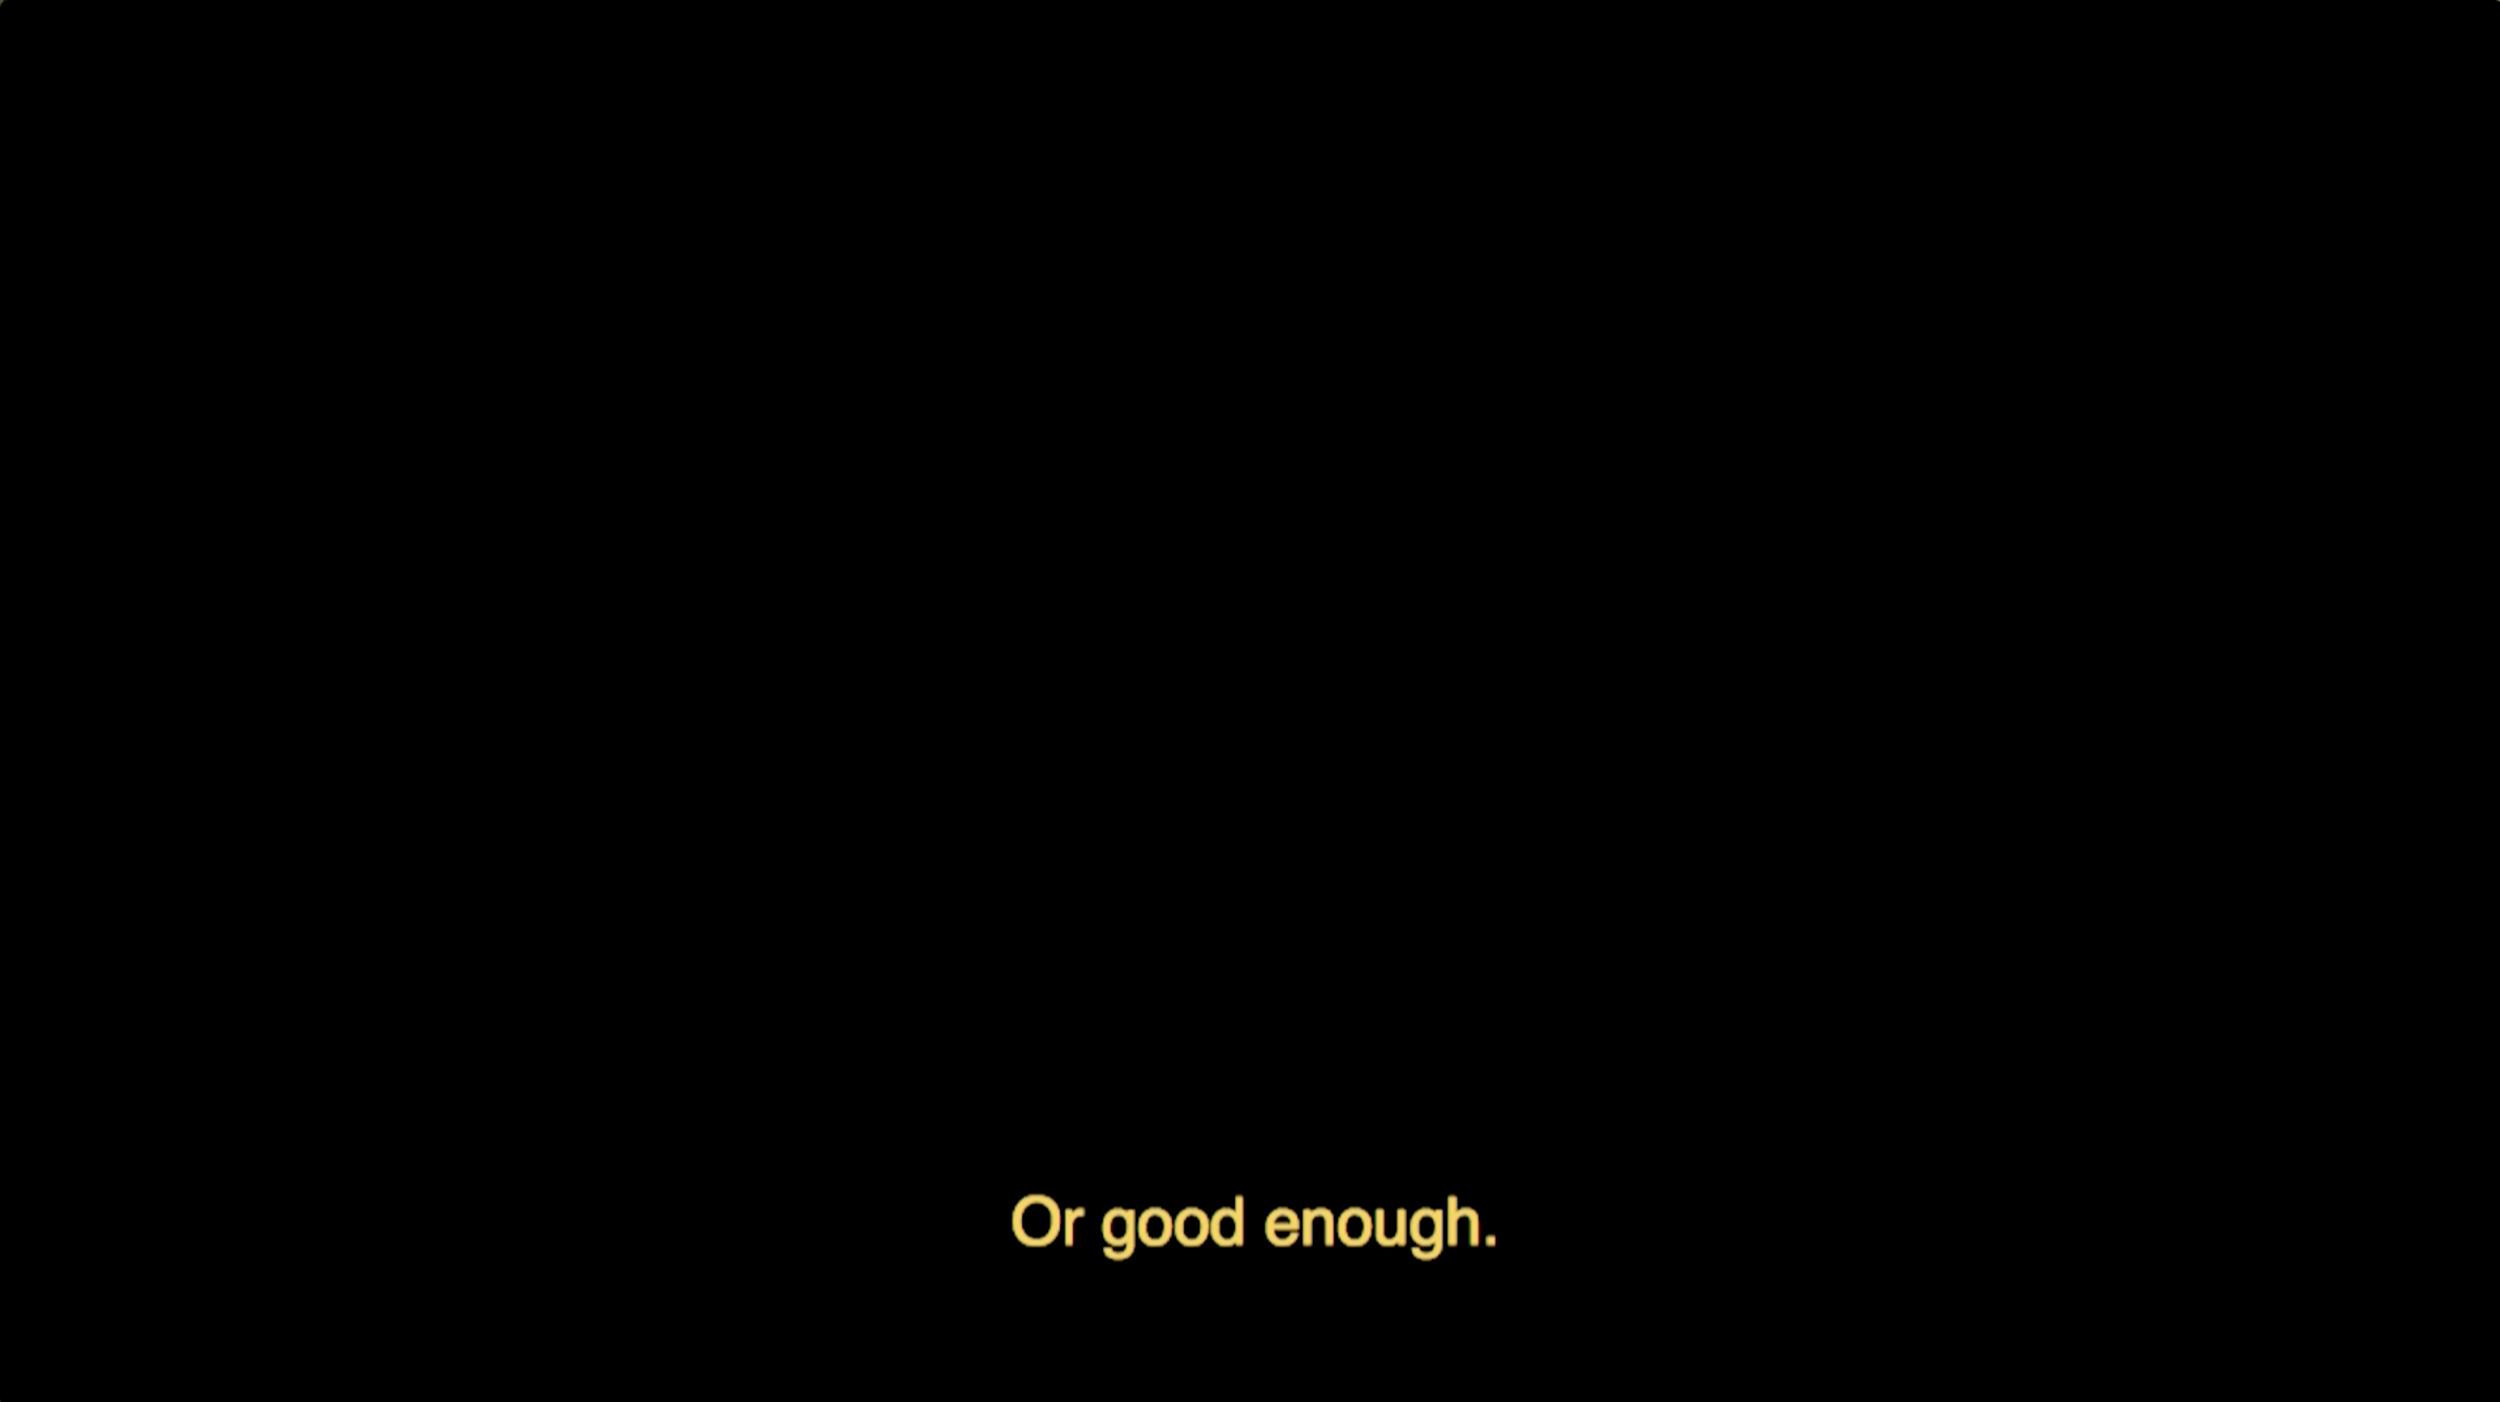 Screen Shot 2018-04-10 at 19.26.36.png